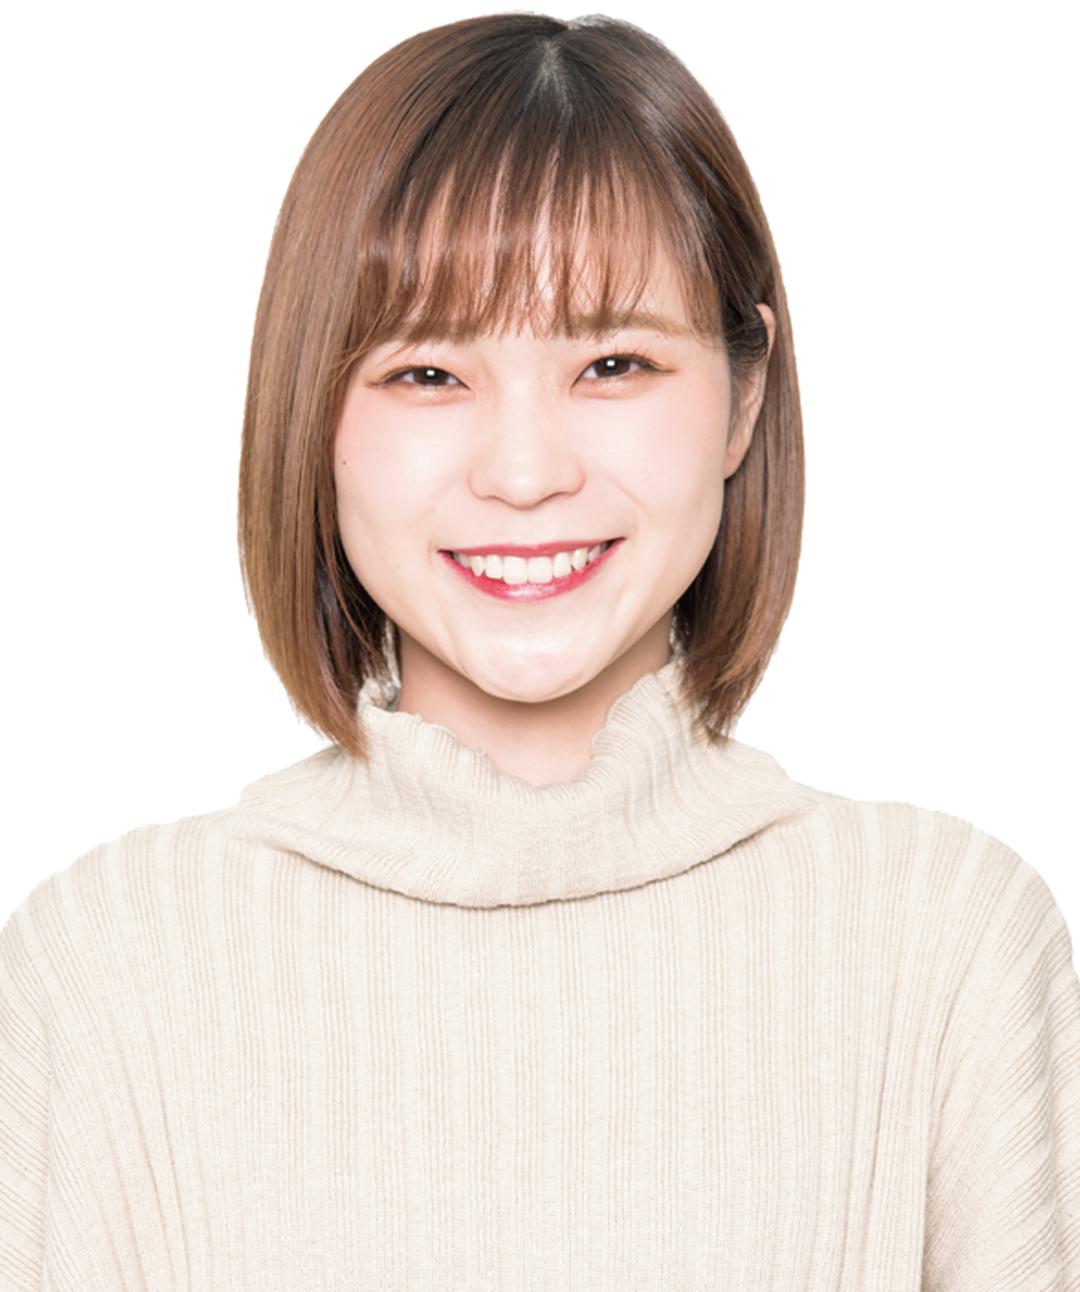 祝♡ 新加入! 5期生のブログをまとめてチェック【カワイイ選抜】_1_9-3